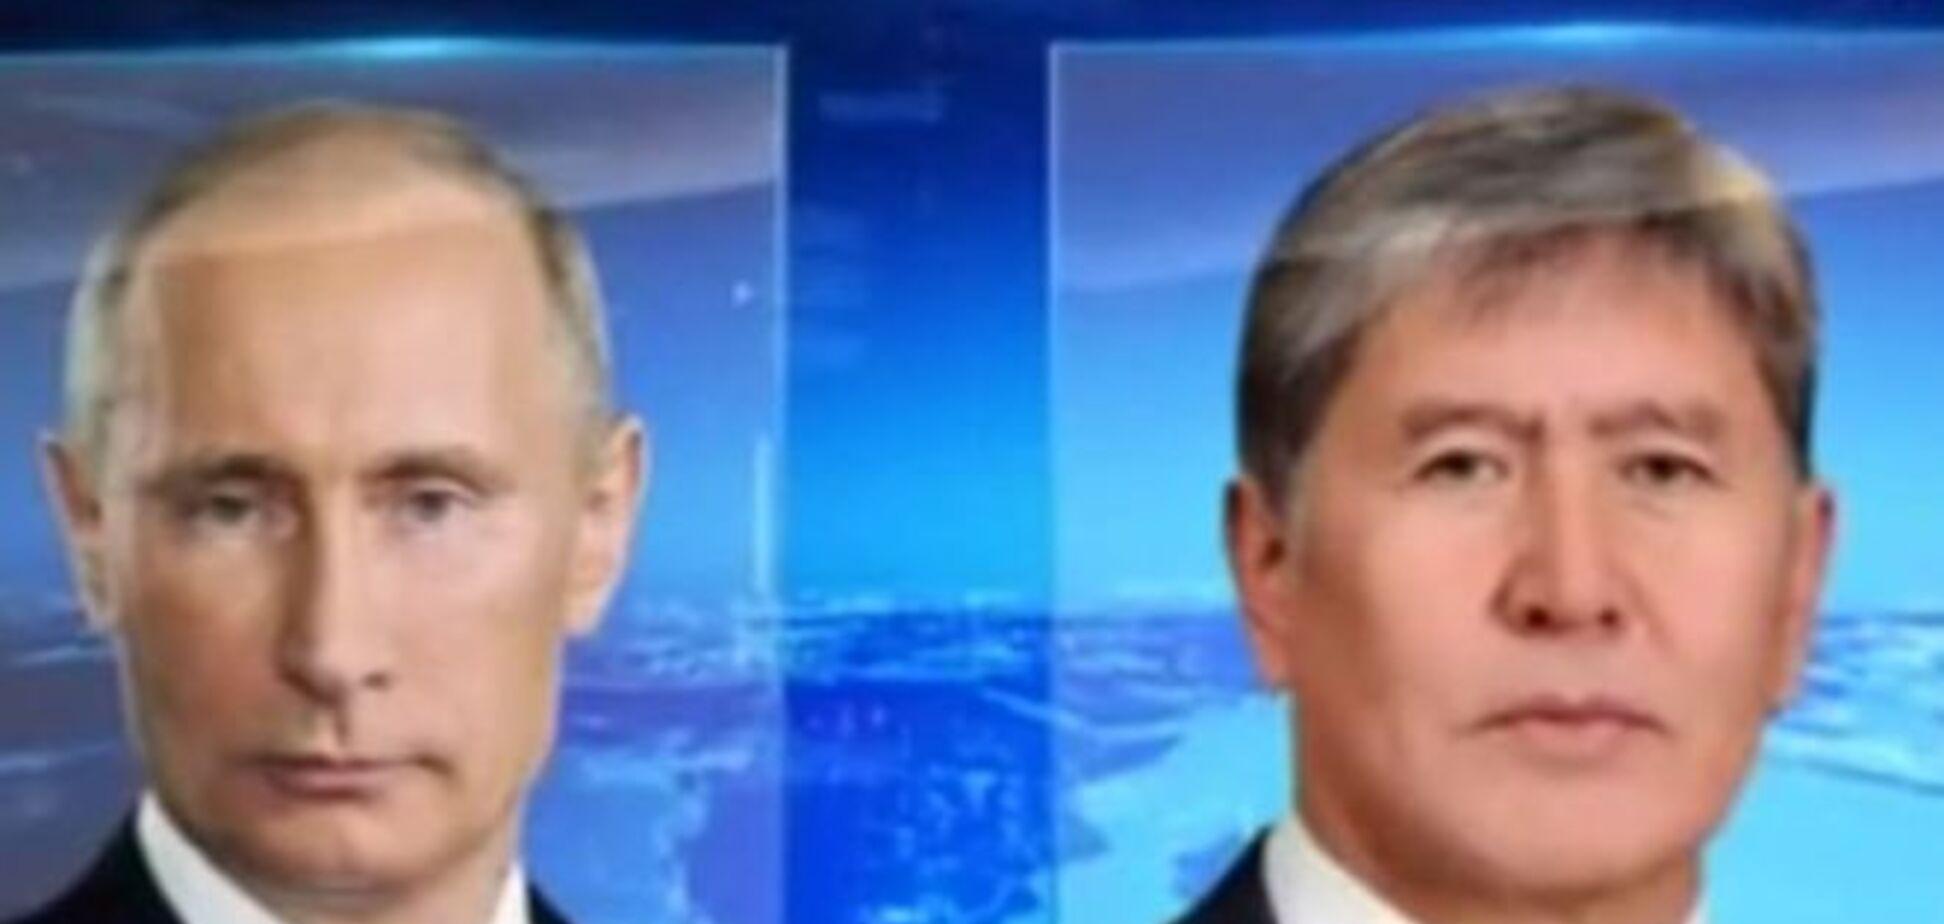 Шайтан! 'Россия 24' сообщила, что Путин уже провел встречу 16 марта: видеофакт